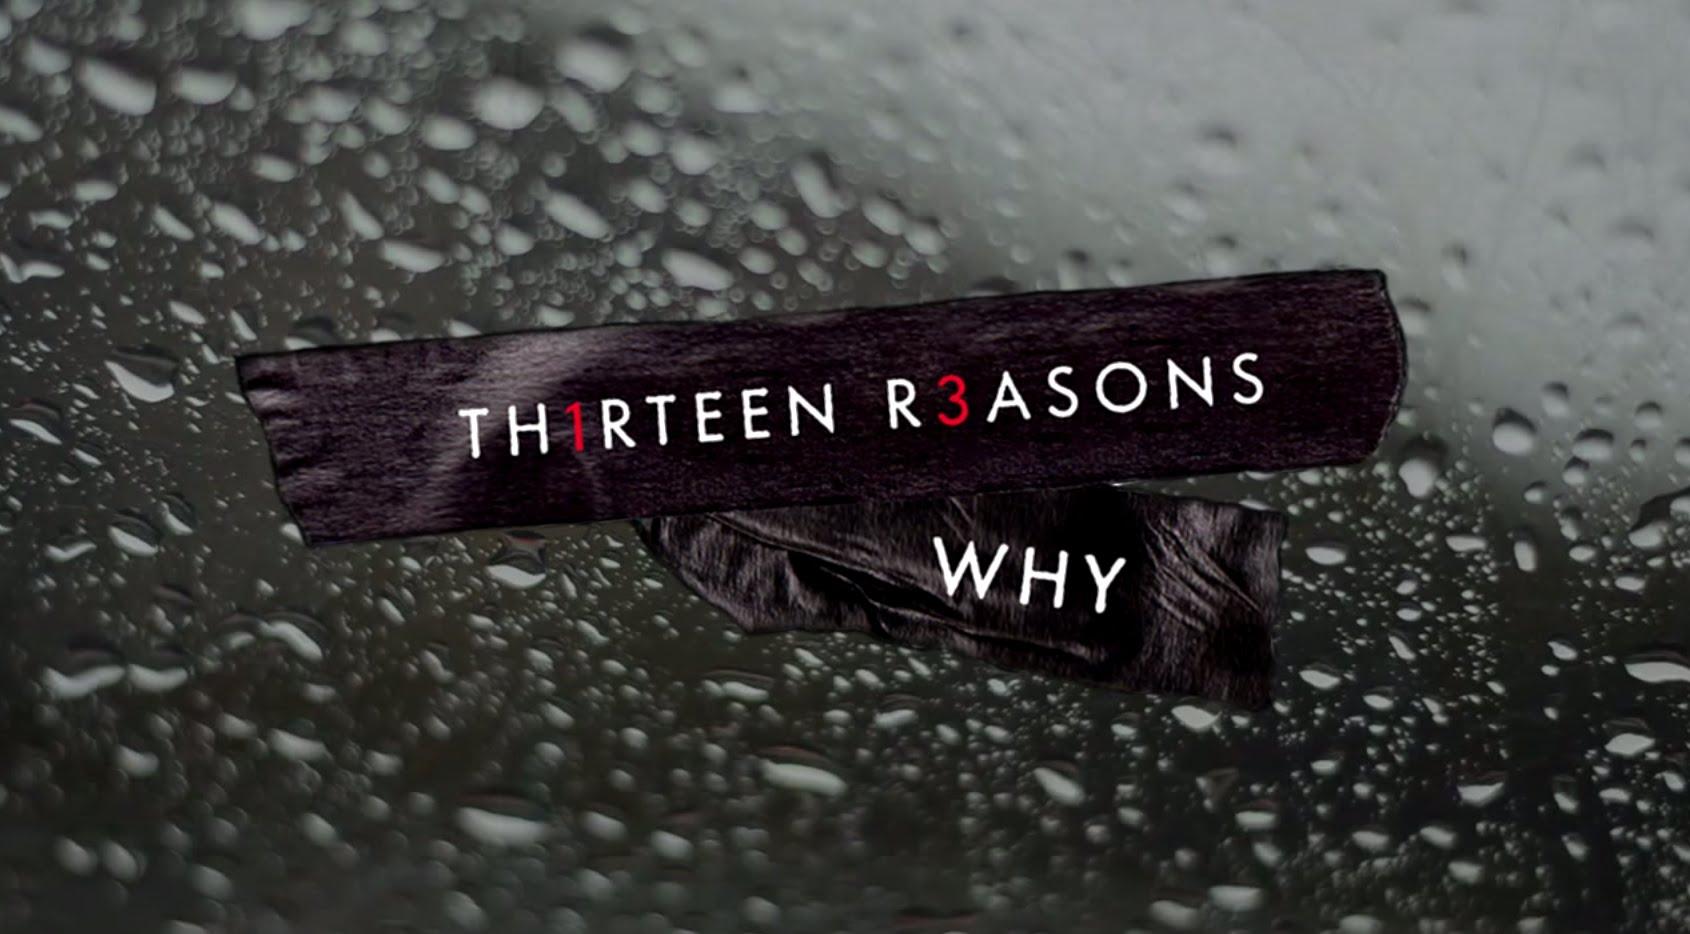 Mijn reactie op 13 reasons why